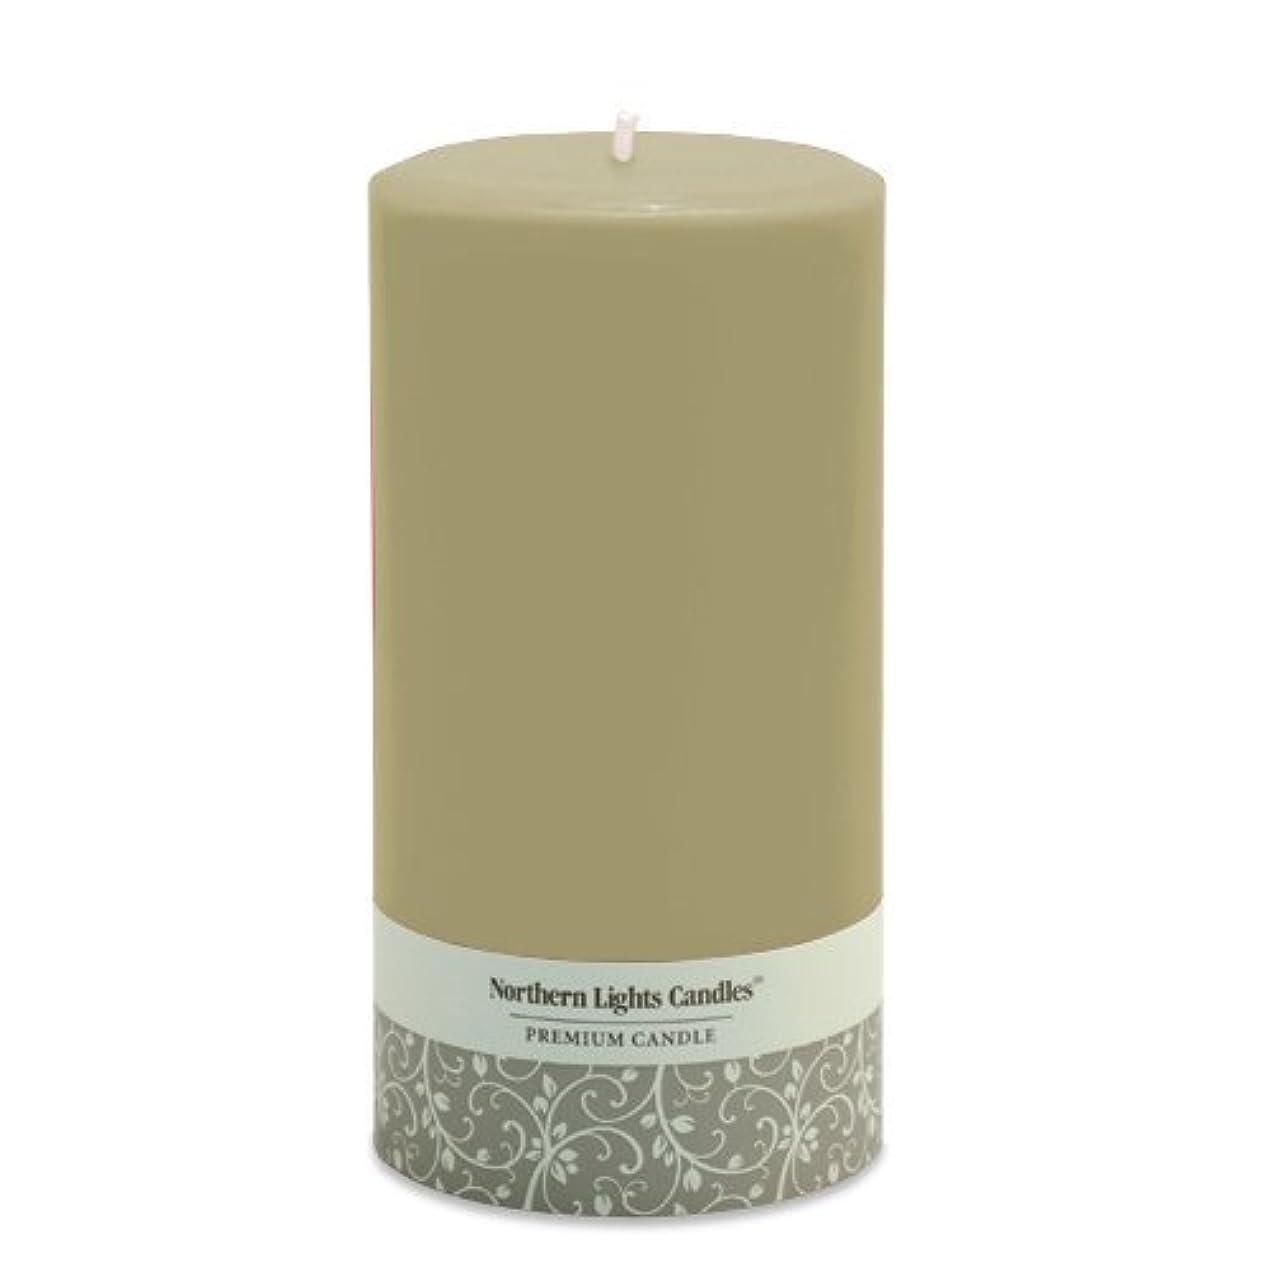 行政実施する切り下げNorthern Lights Candles Fragrance Free Pillar Candle, 3 by 6-Inch, Sand [並行輸入品]